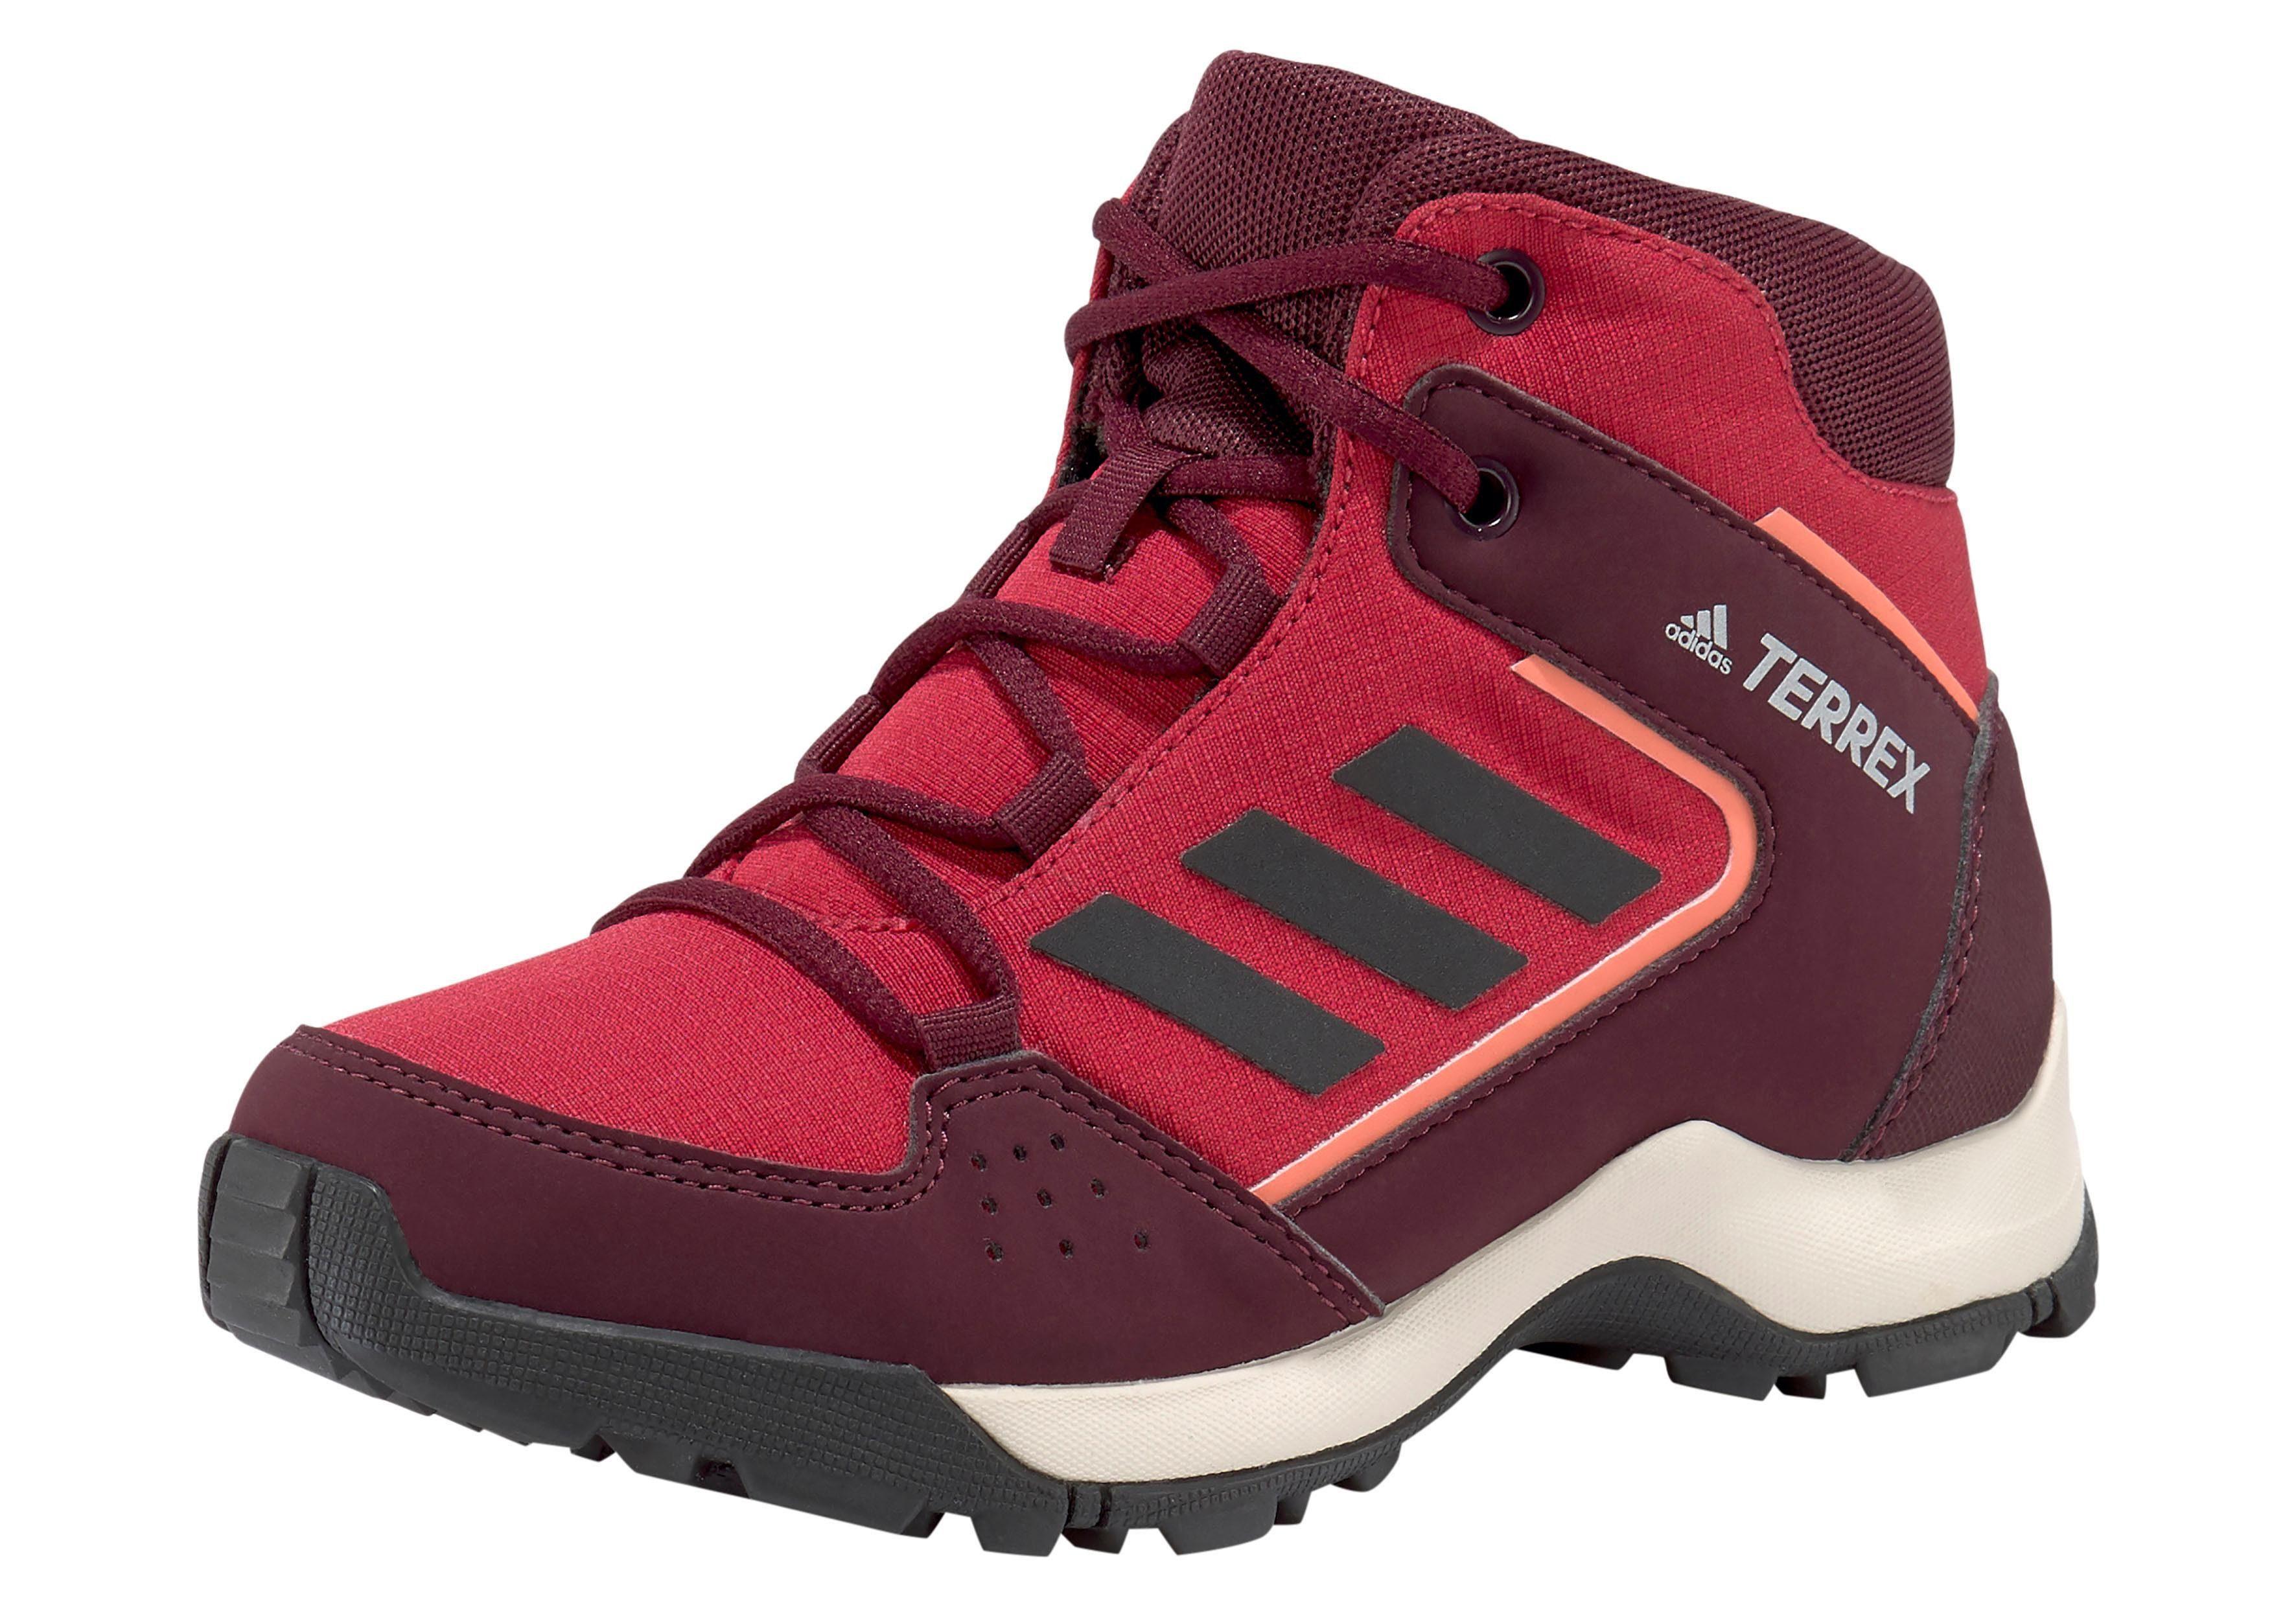 oben Trekking Boots Hyperhiker K von adidas in bordeaux